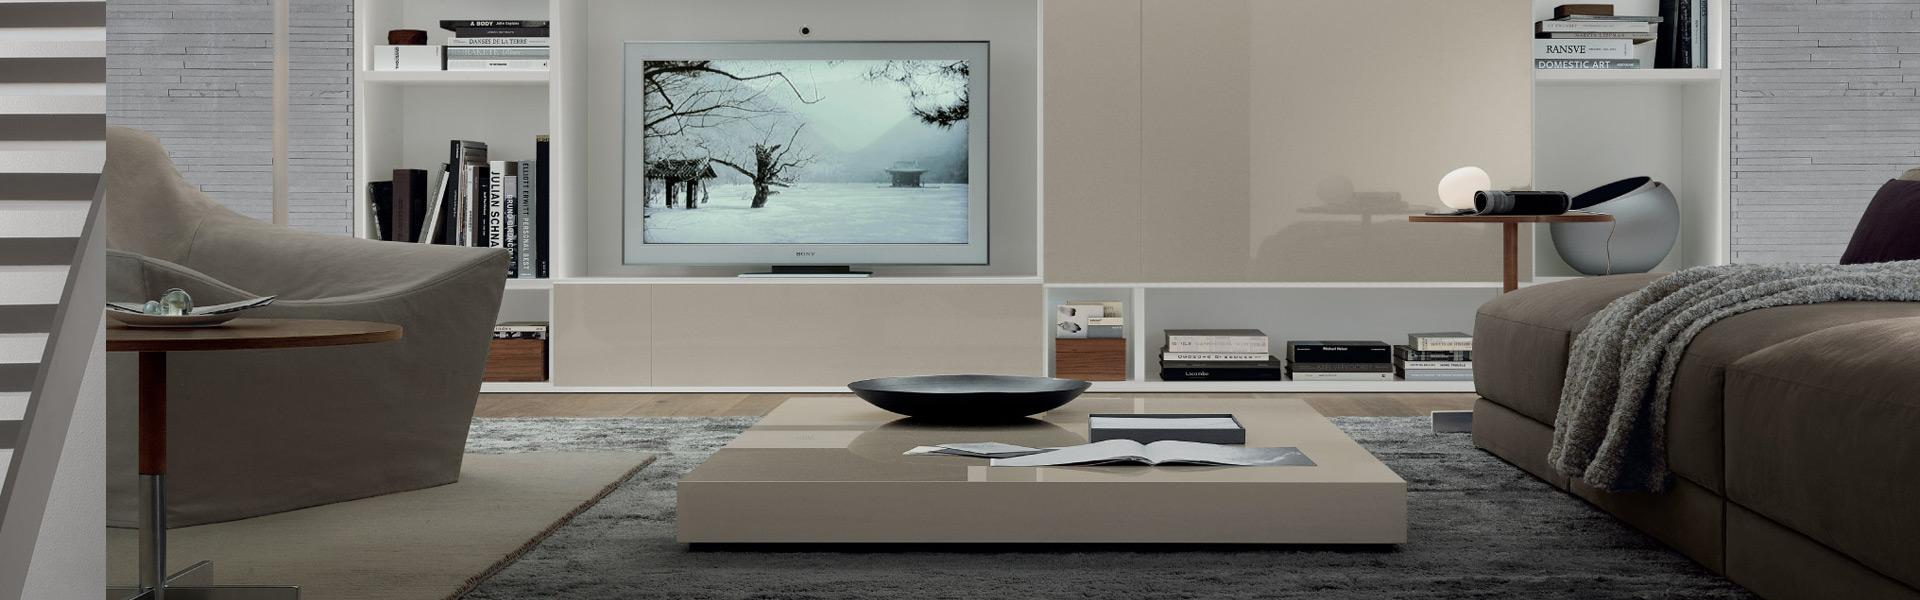 Arredamenti lissone mobili e arredamenti lissone dei migliori brand - La casa della cameretta lissone ...